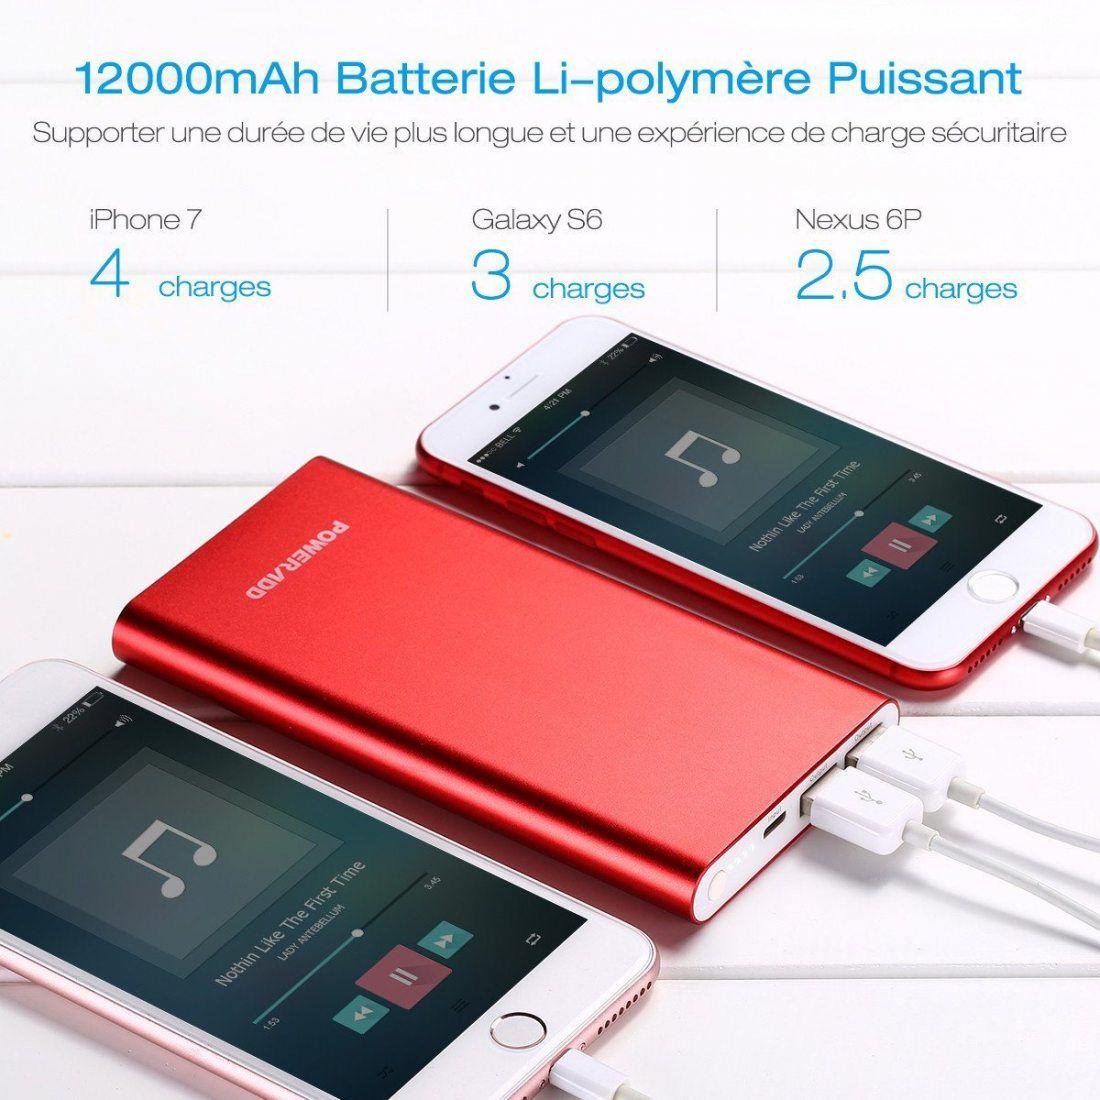 Poweradd Pilot 4GS 12000mAh Batterie Externe portable livré avec un Câble Apple Lightning - Rouge Doré